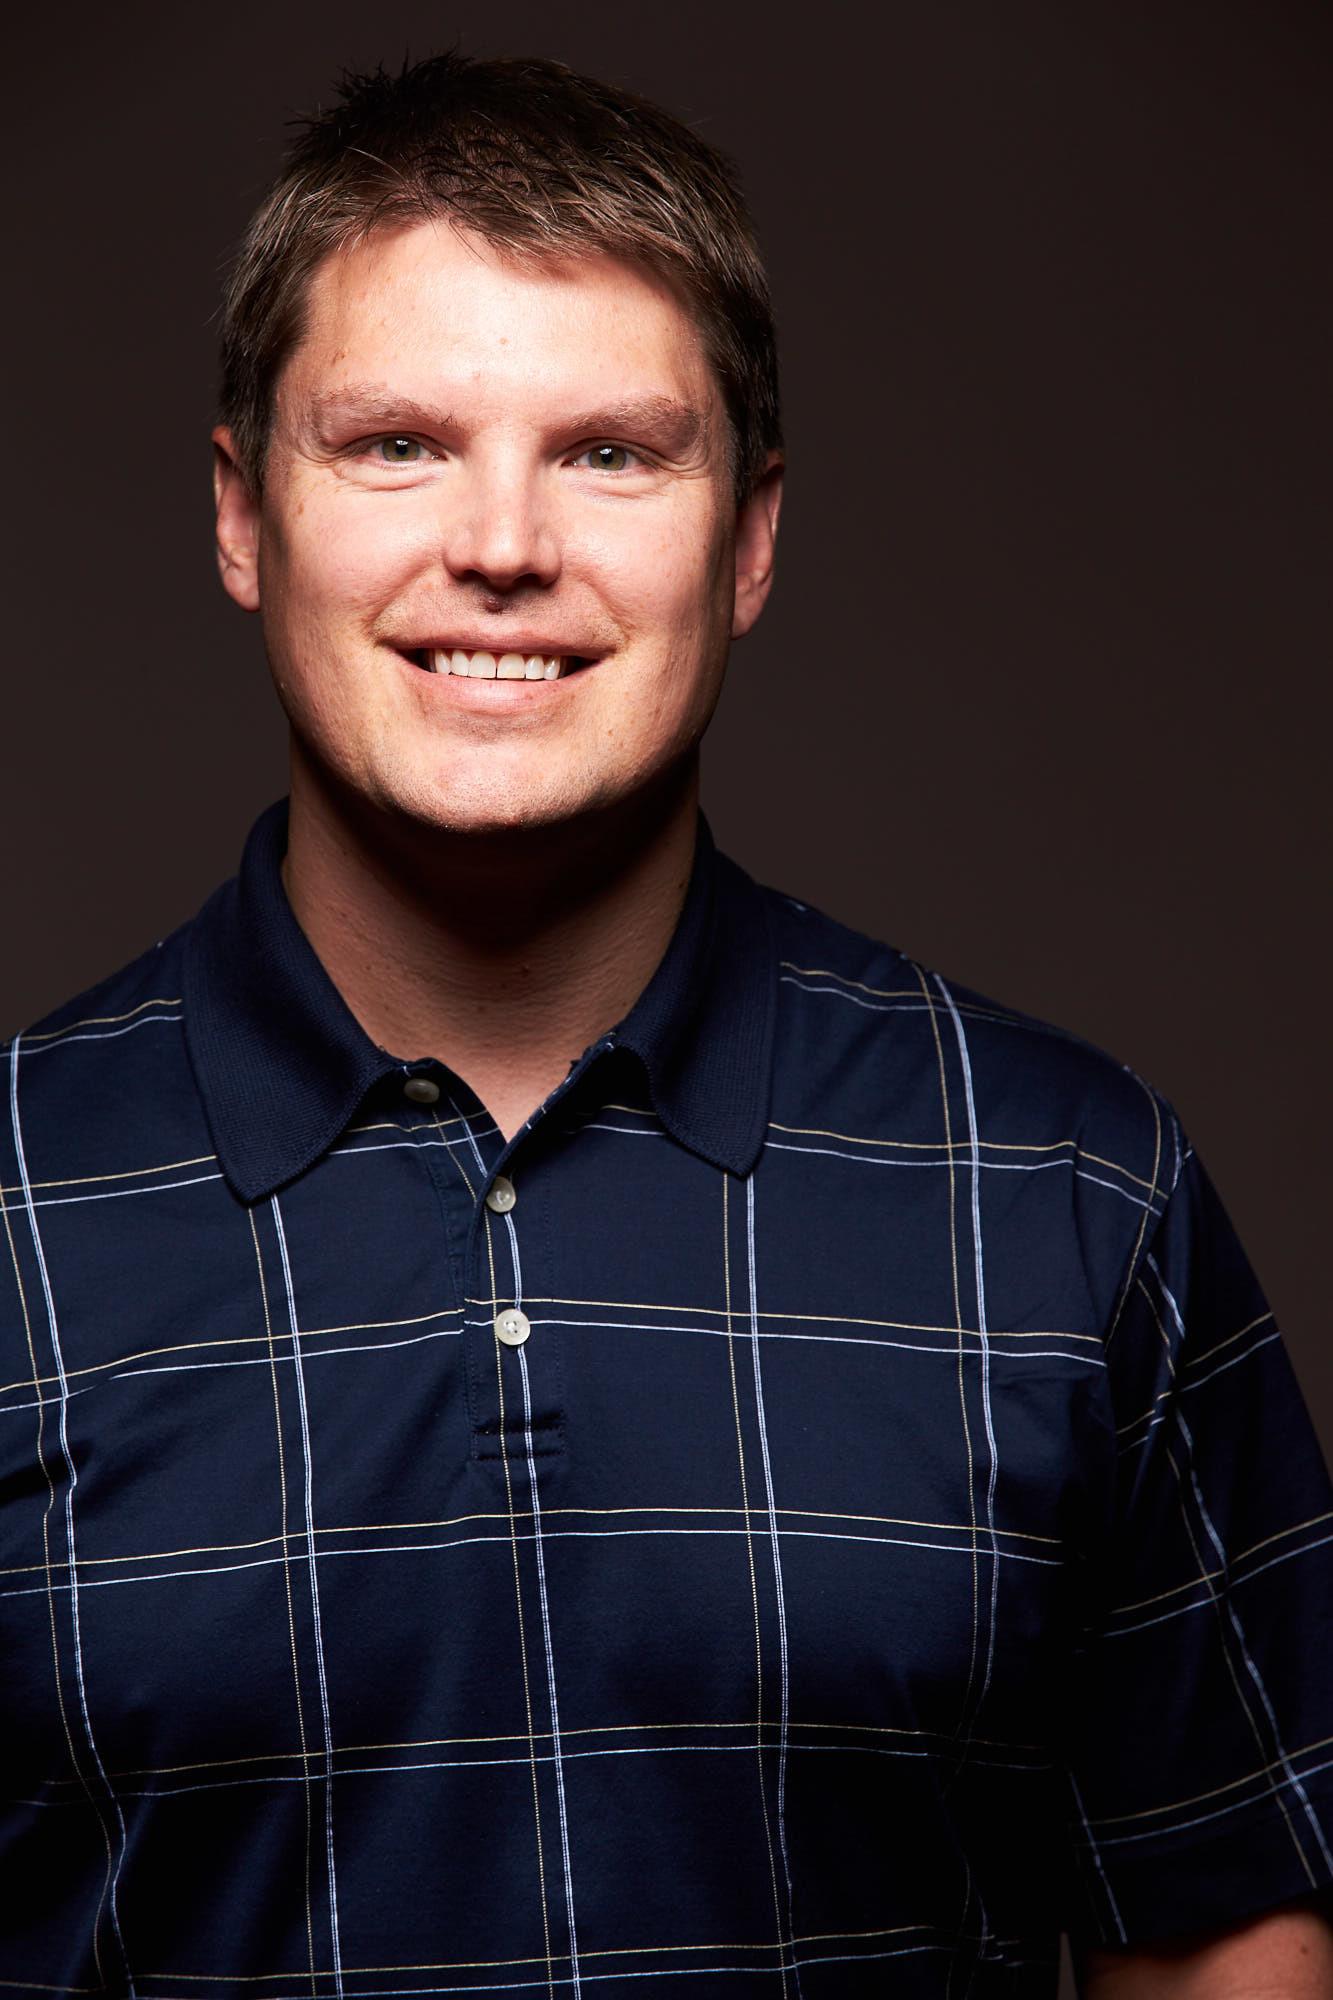 Kirk Pedersen